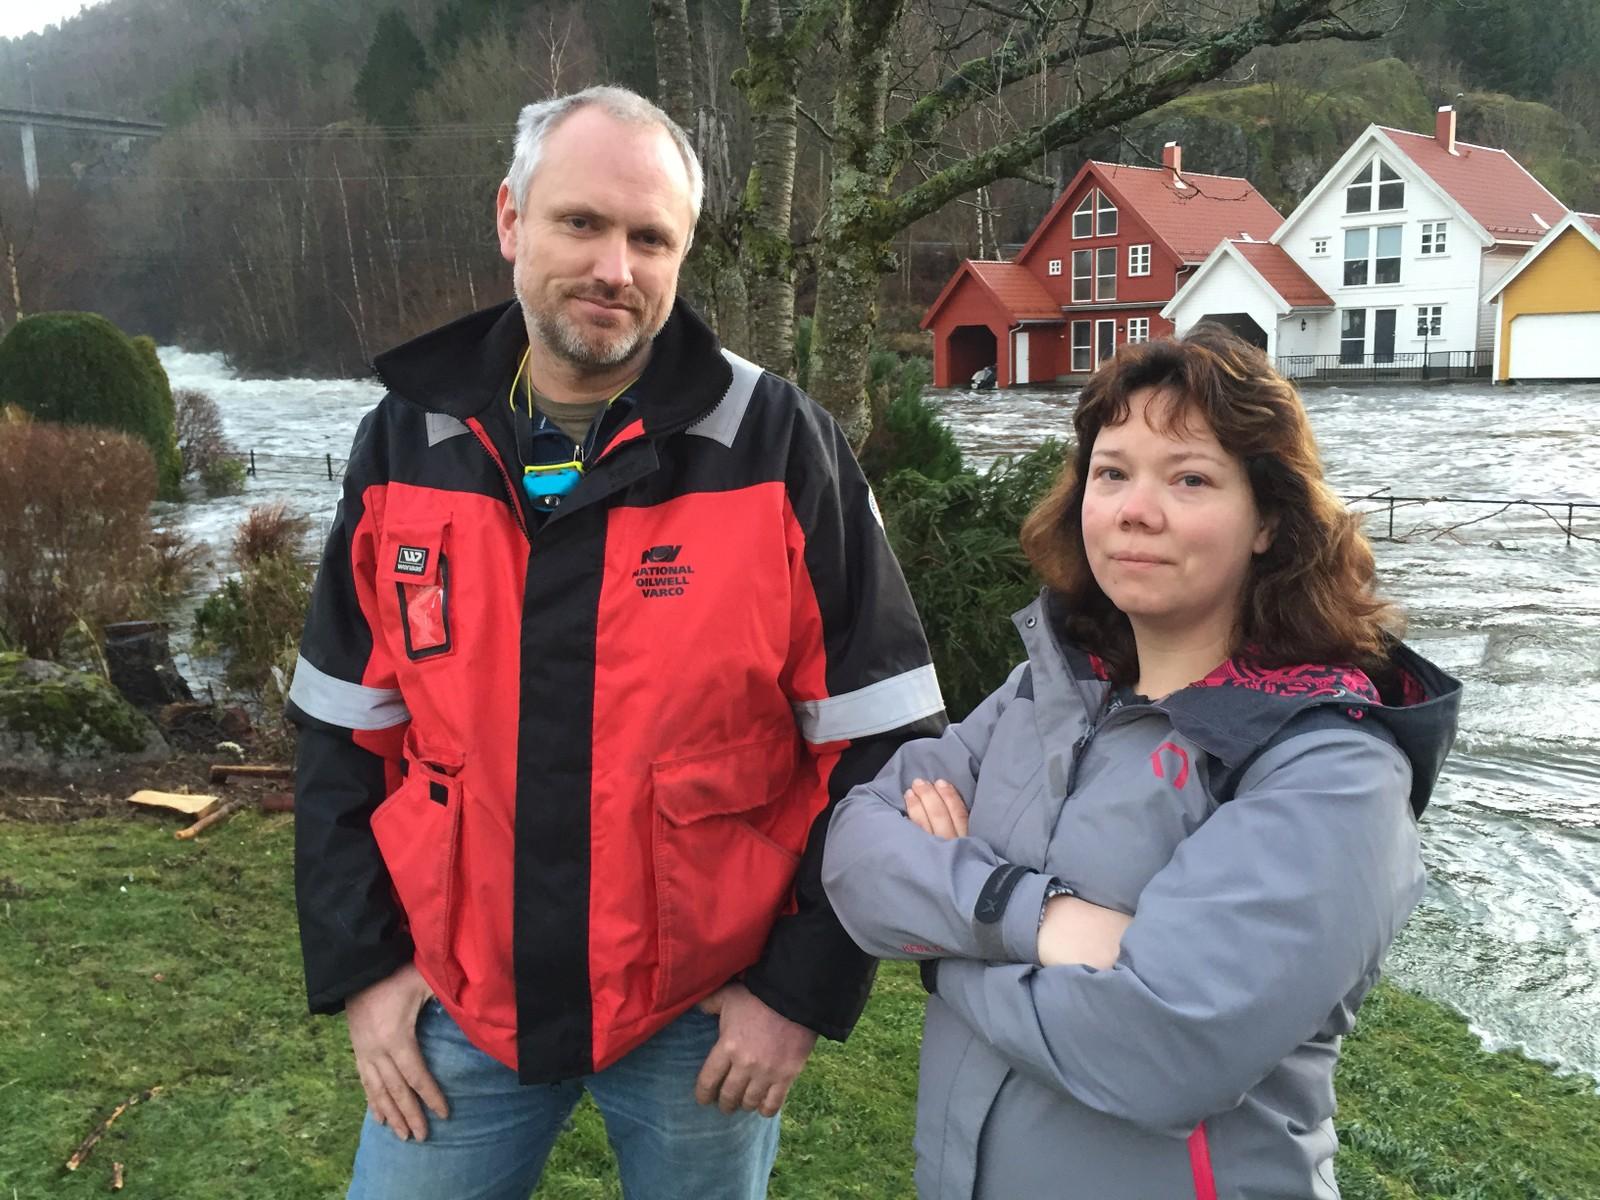 Frode Berg og Constanse Skranefjell har ikke sovet mye i helga. De har fått vann i kjelleren og forteller at det har vært helt kaotiske døgn.